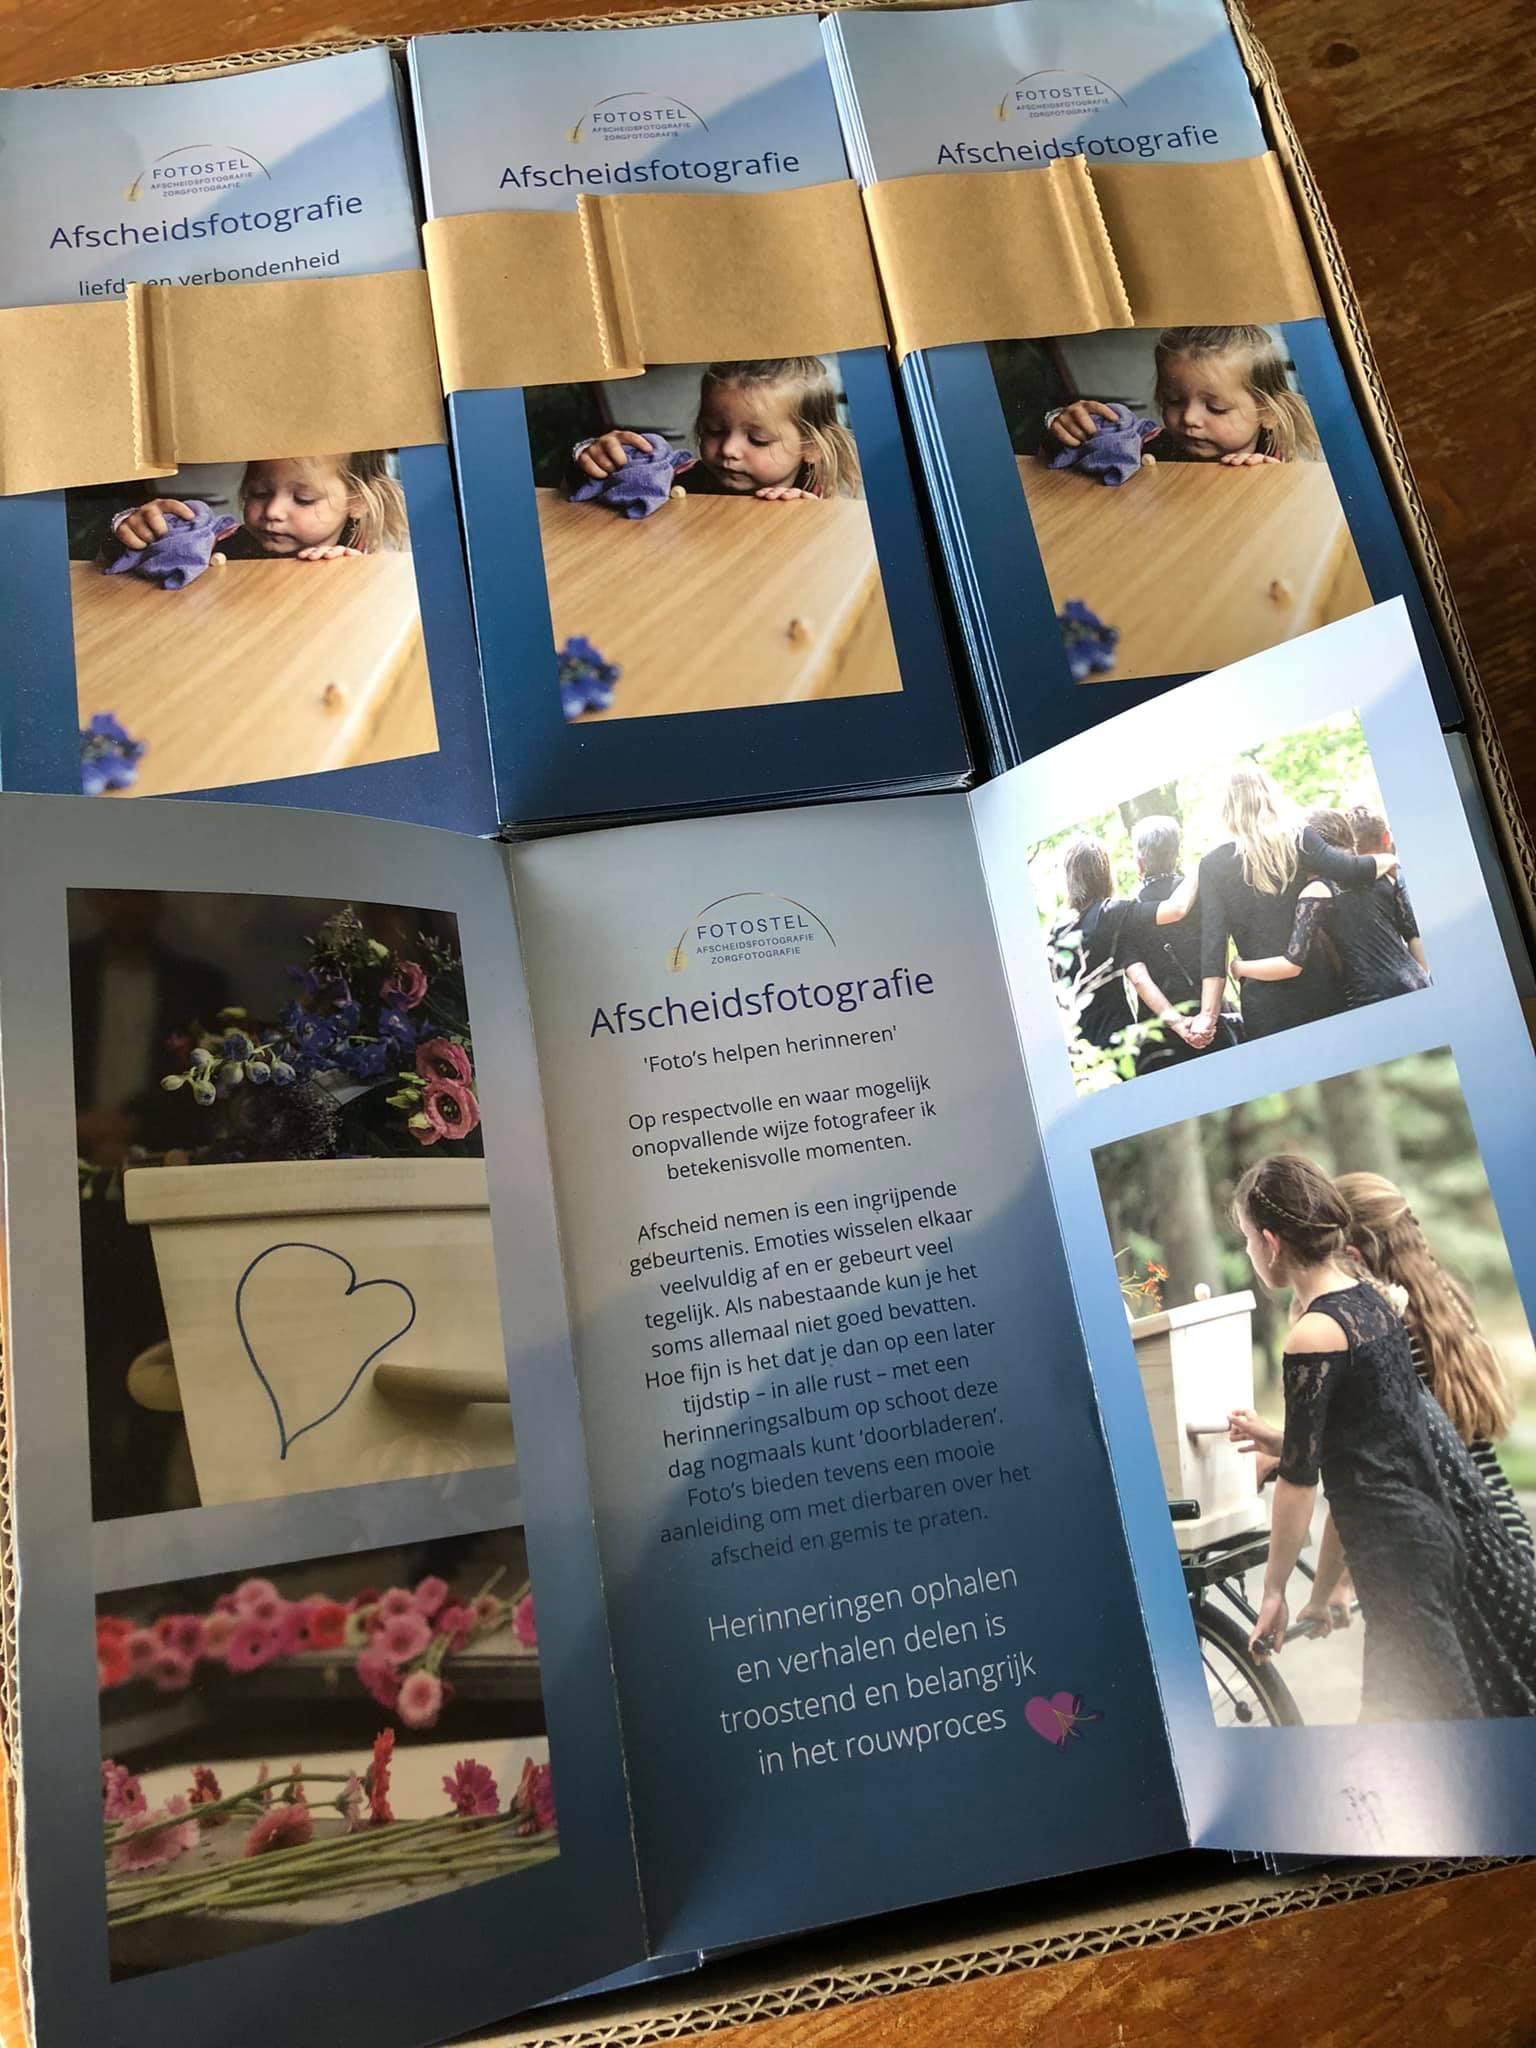 Drukwerk-flyers voor Fotostel mogen verzorgen